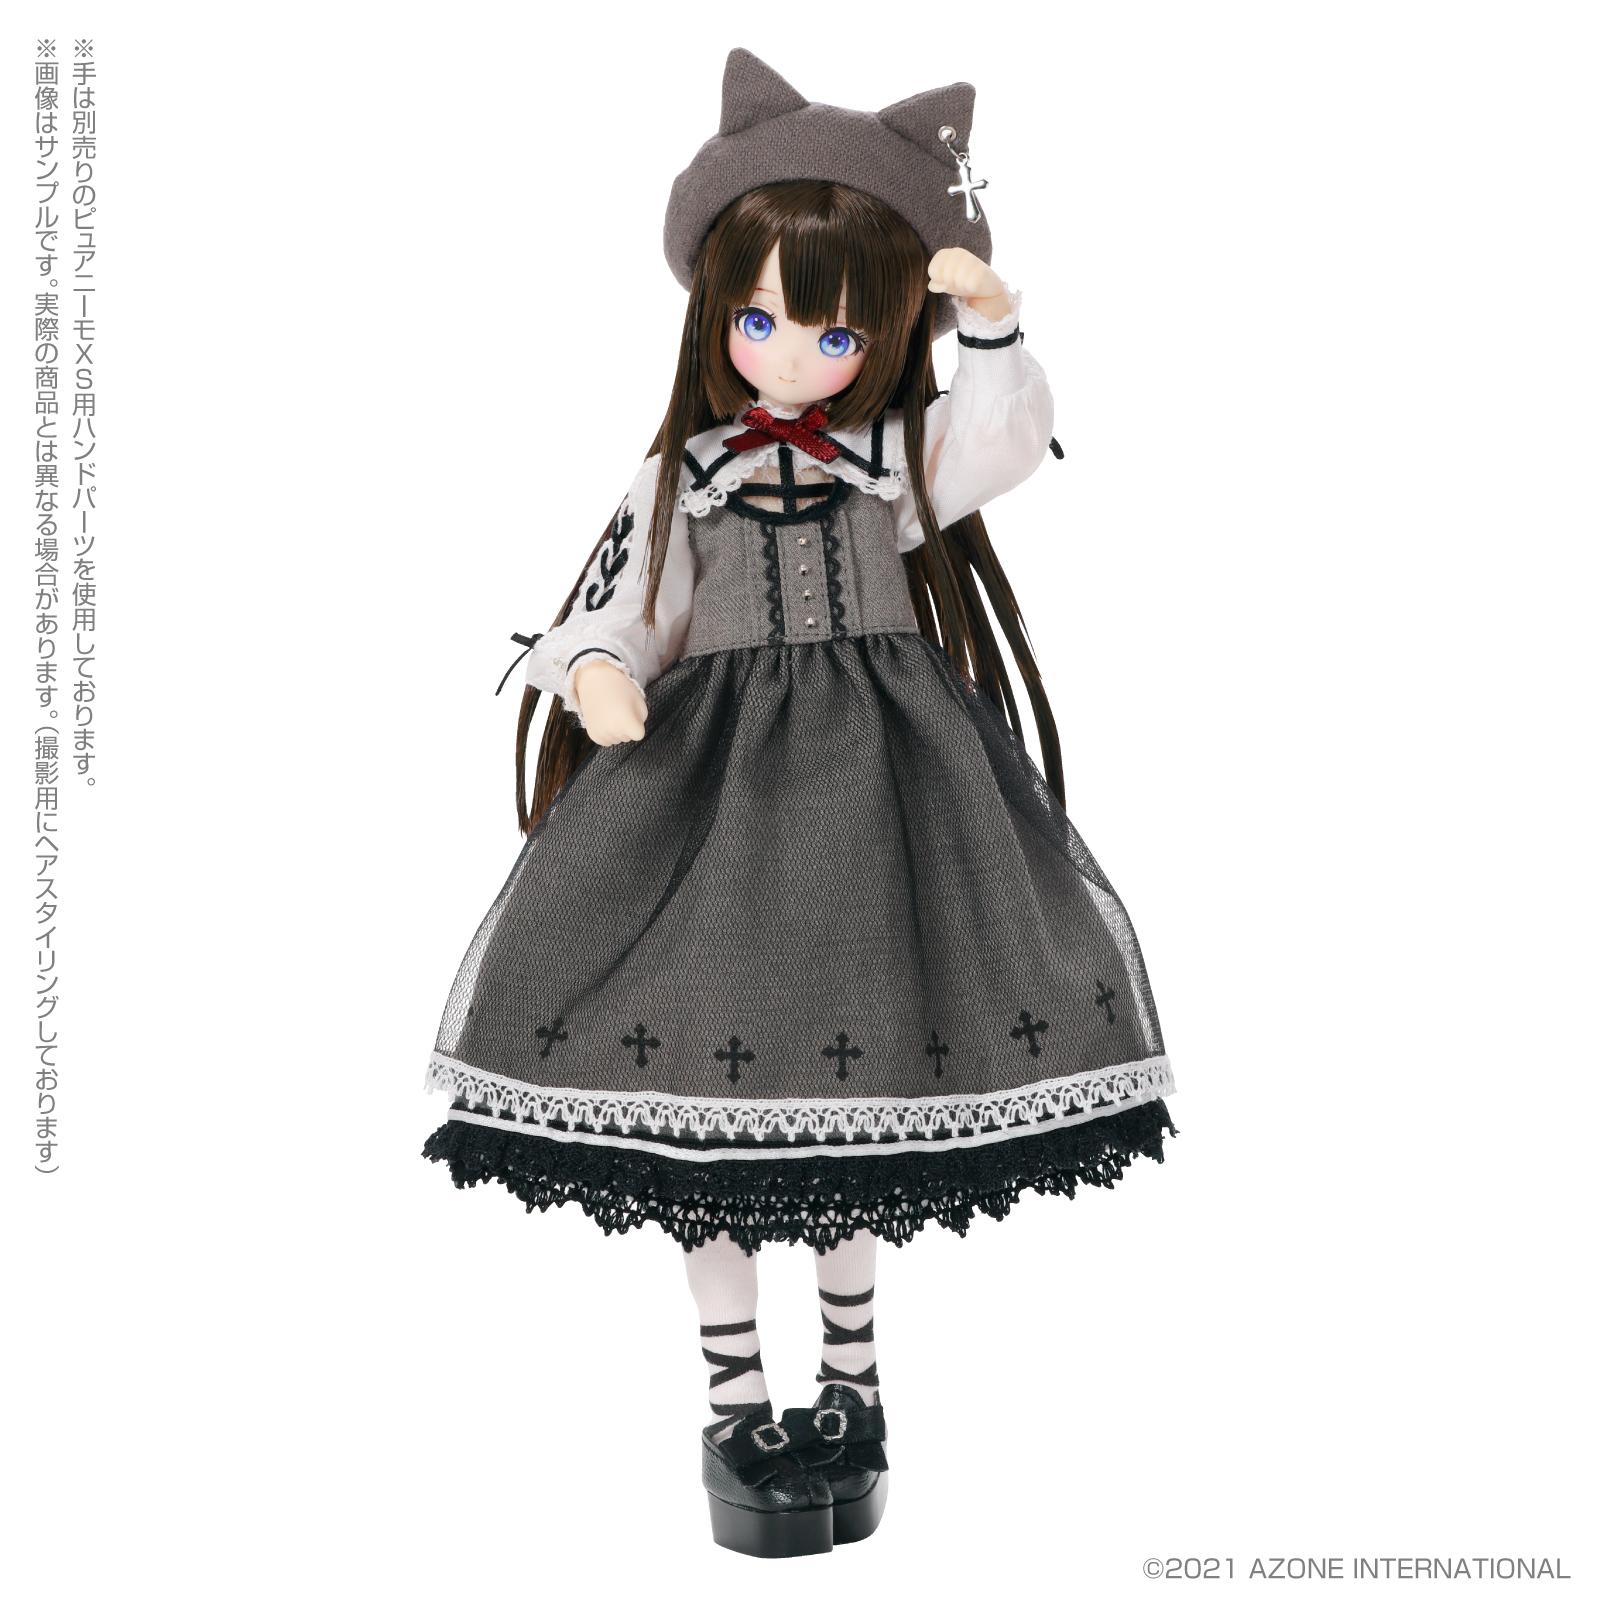 ルミナス*ストリート『みい/Mii ~Cat walking path~(通常販売ver.)』Luminous*Street 1/6 完成品ドール-006